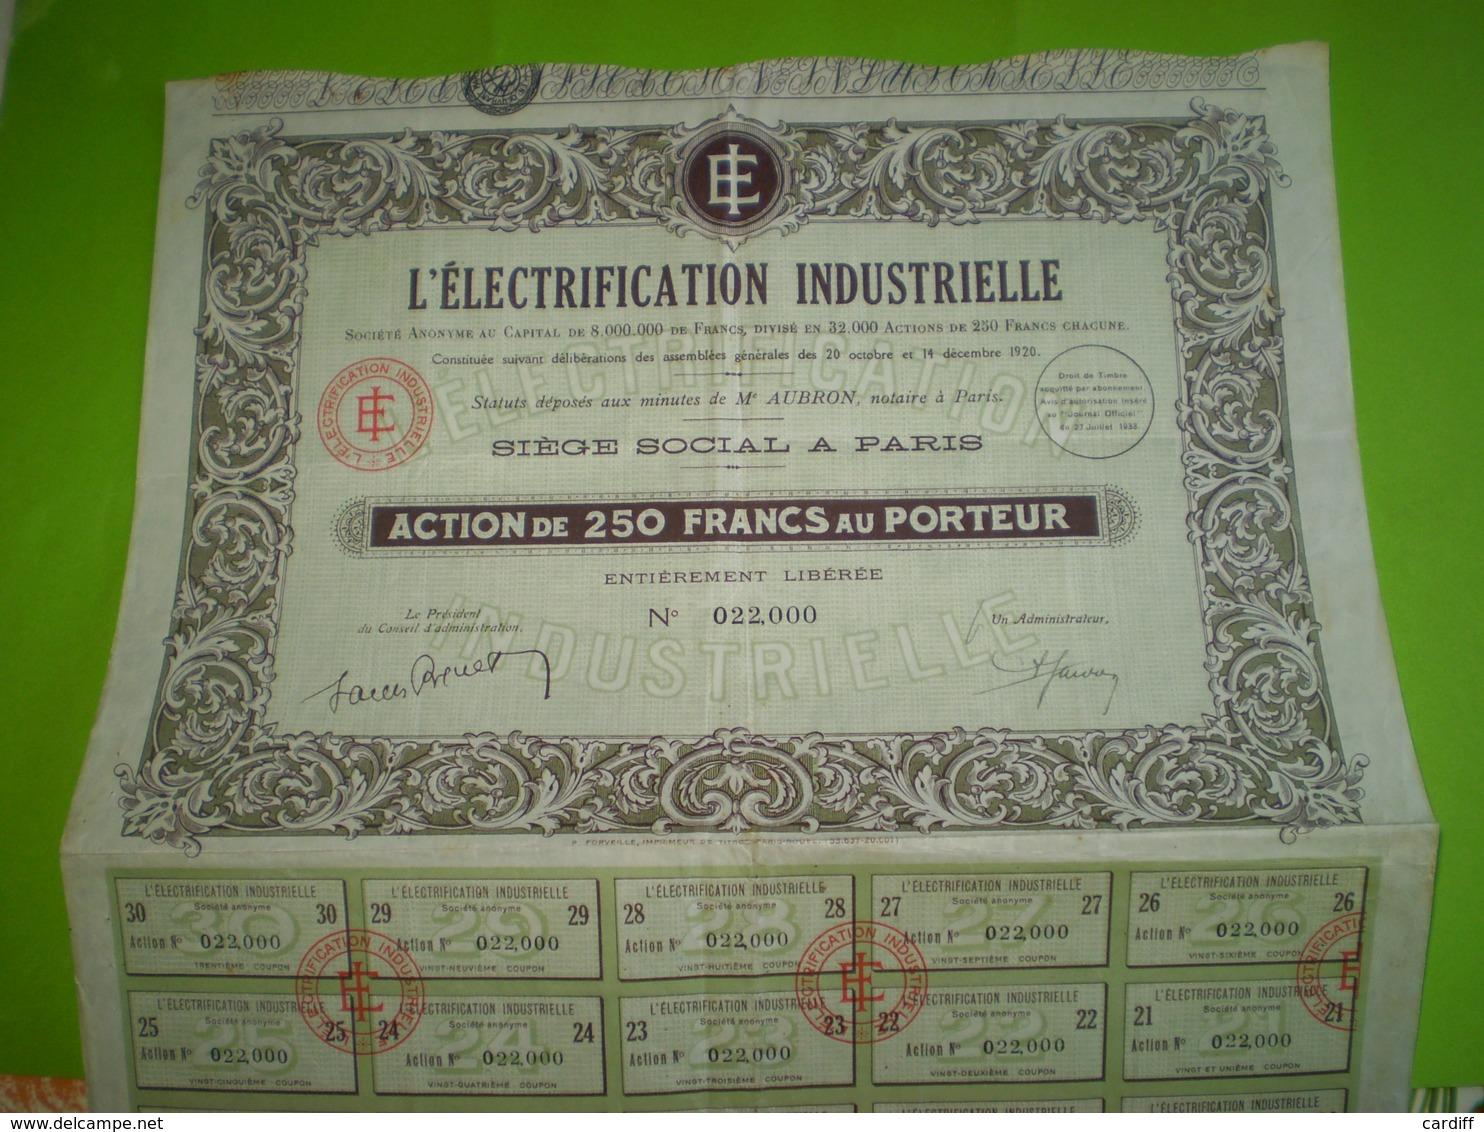 Action L'Electrification Industrielle De 250 Francs Au Porteur N° 22000, Planche De 30 Coupons. Droit De Timbre 1933 - Electricité & Gaz